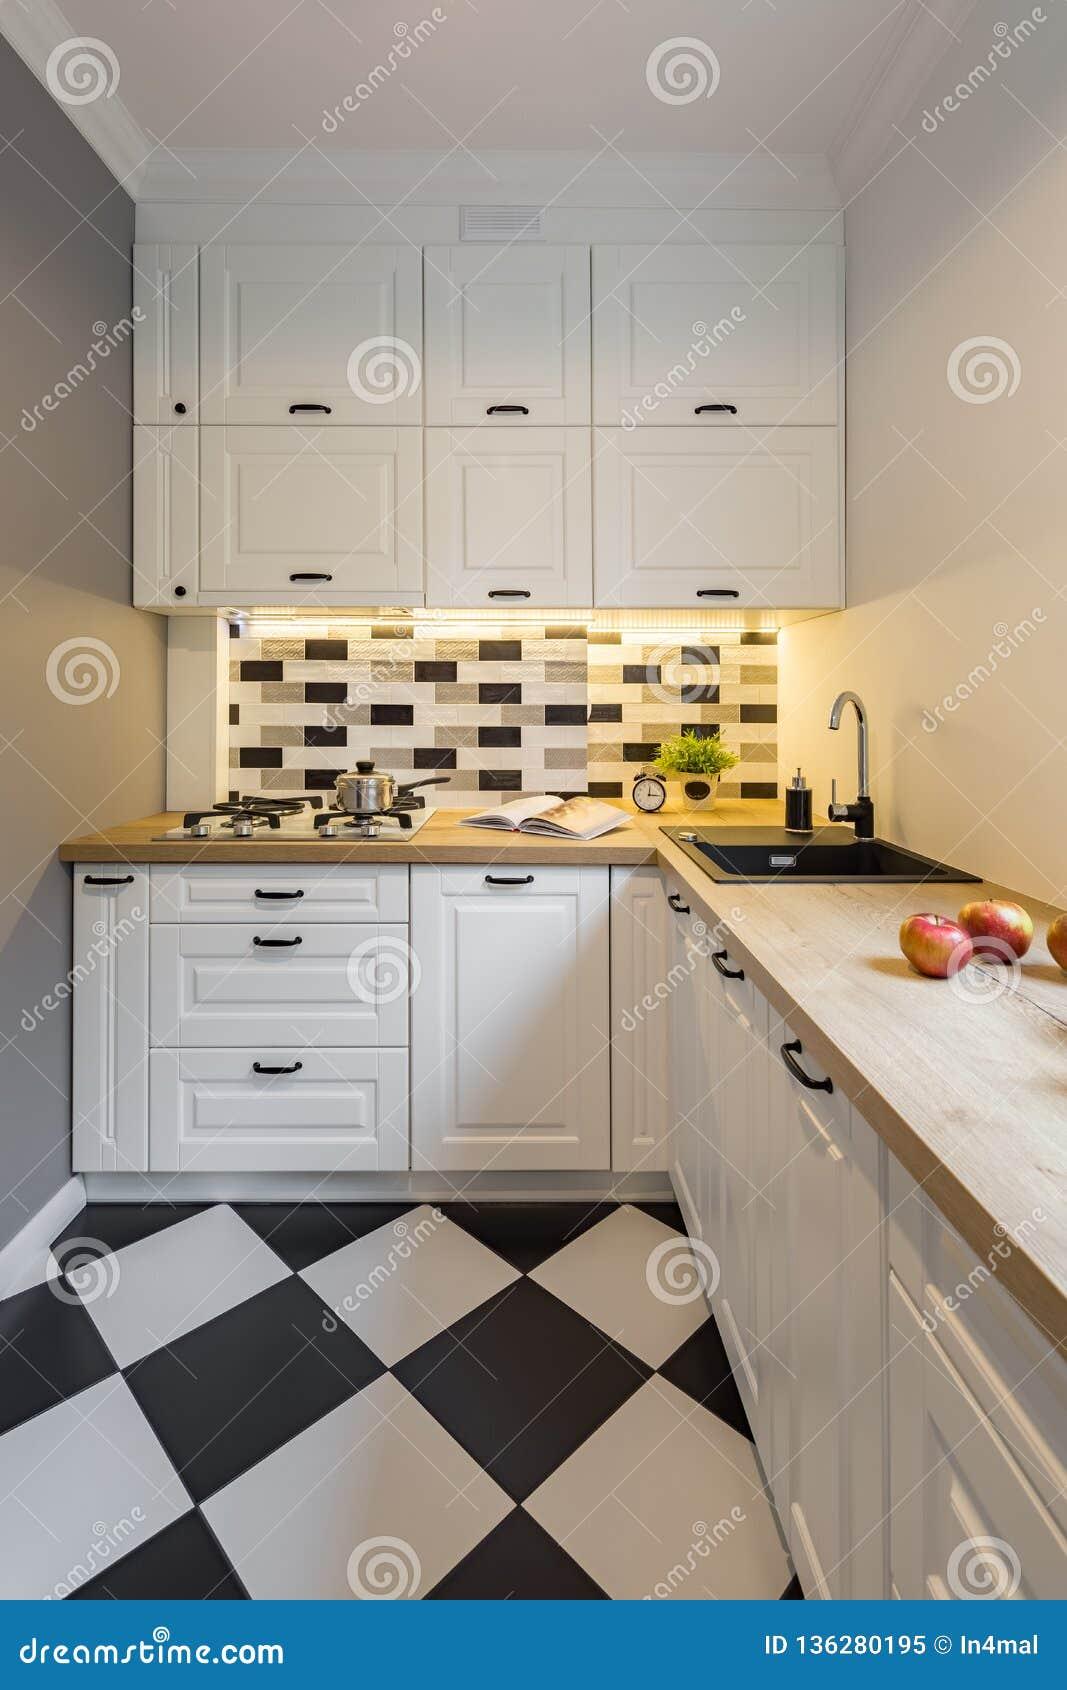 Cucina Con Le Piastrelle Per Pavimento Moderne Immagine Stock ...